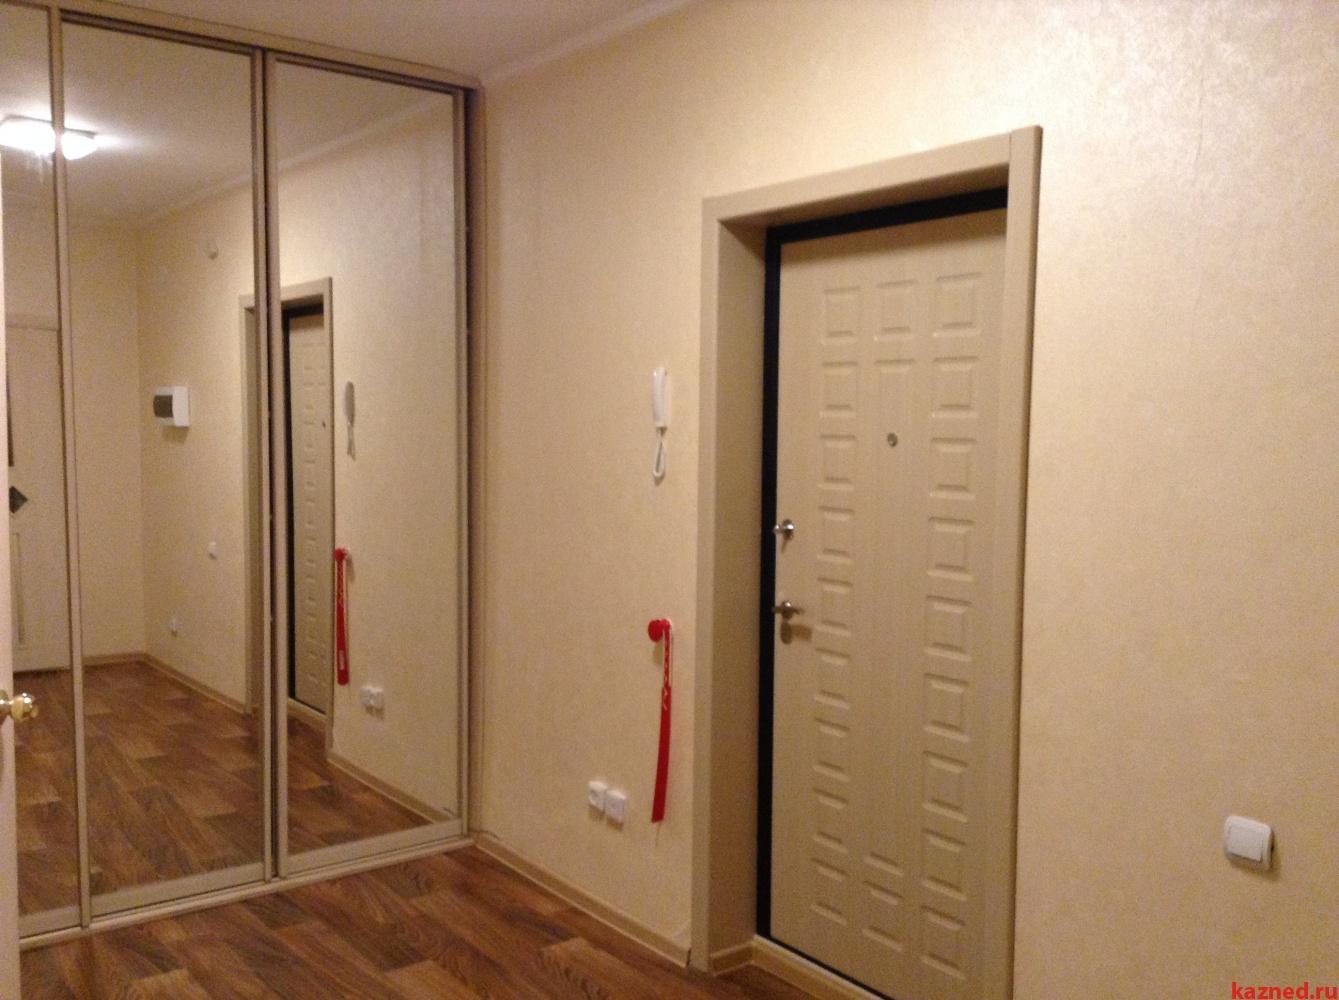 Продажа 1-к квартиры Дубравная,  д. 28, 45 м²  (миниатюра №4)